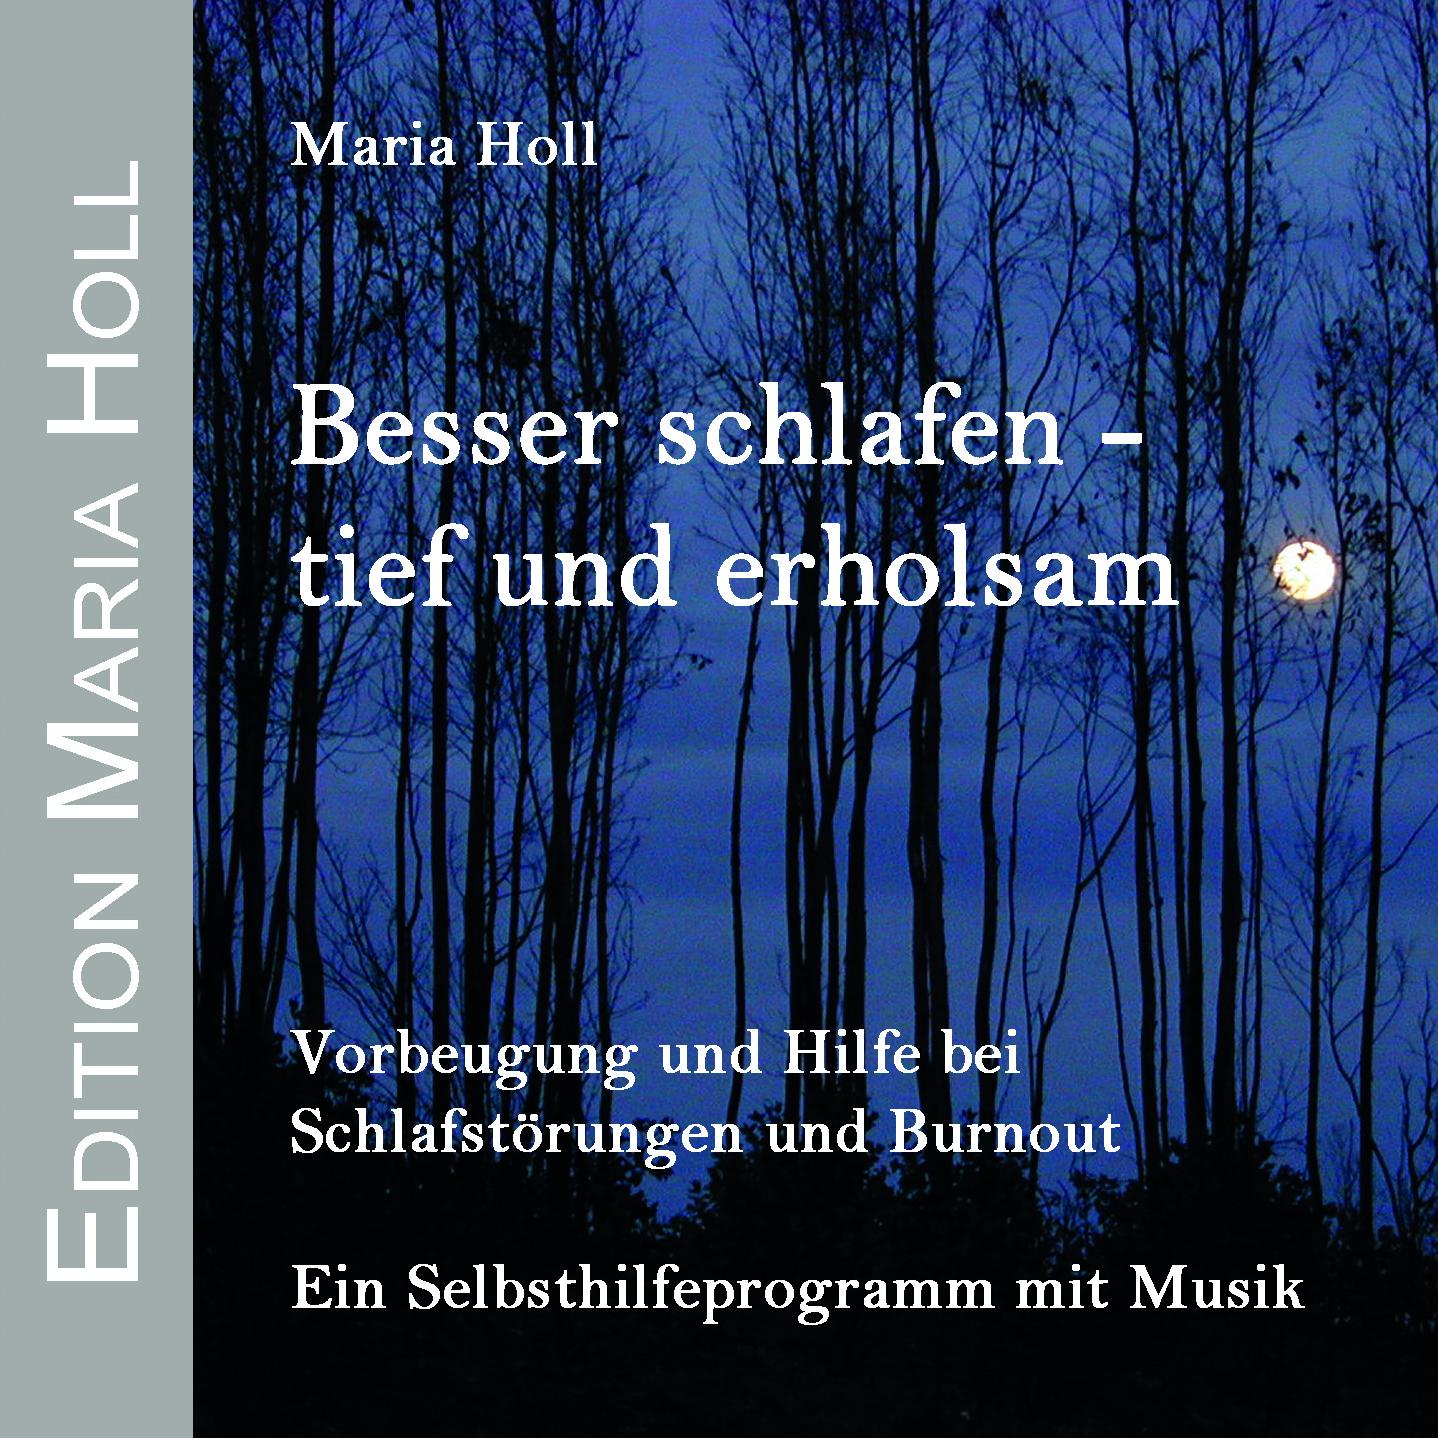 Schlaf_BOOKLET_4+1_02